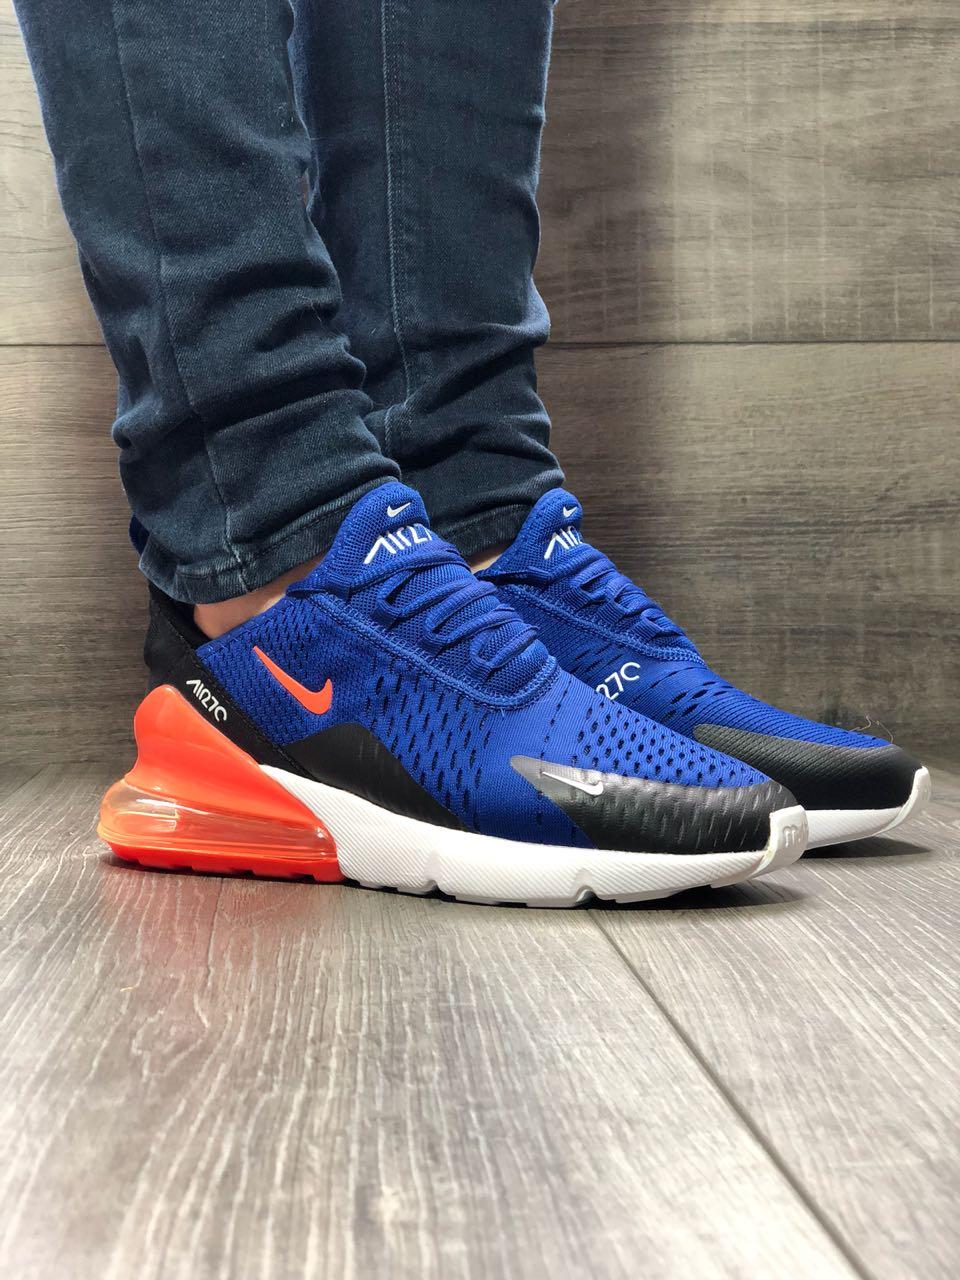 a6c15f59254a6 Nuevas Zapatillas Nike 270 Caballero - Zapatillas en Cali